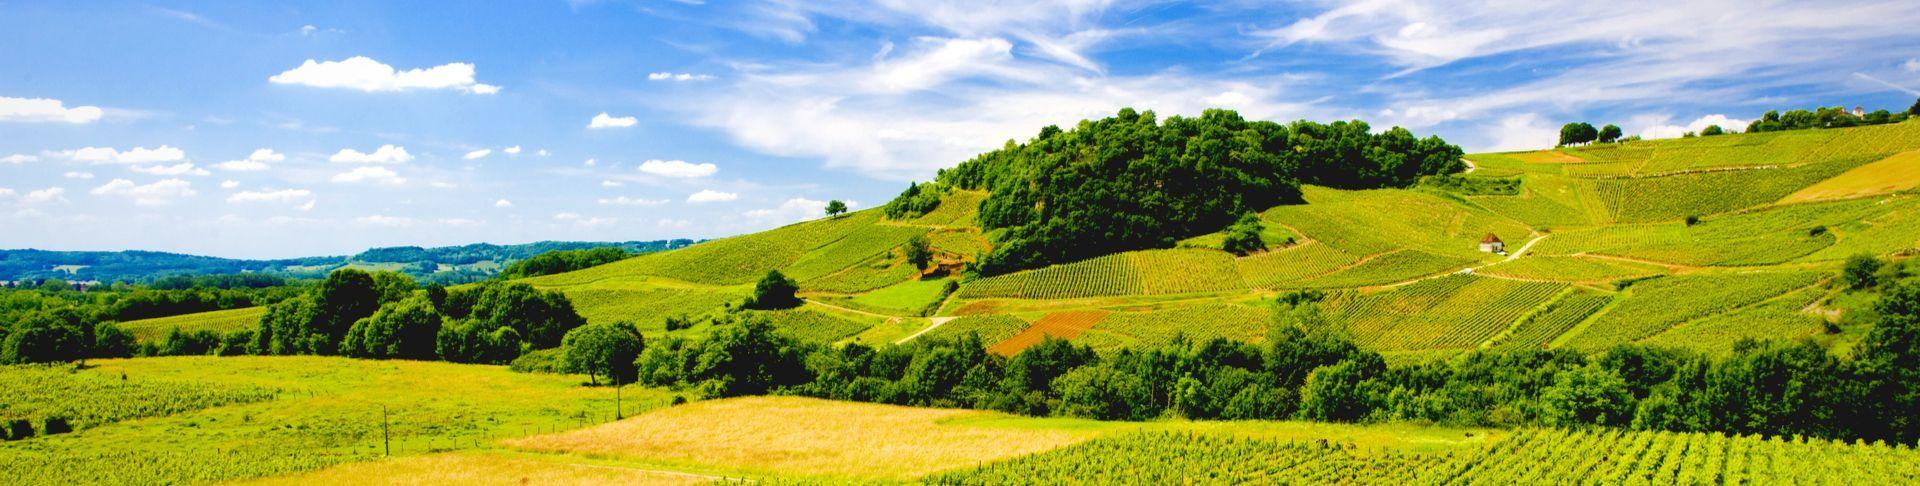 Savoie-Bugey-Jura